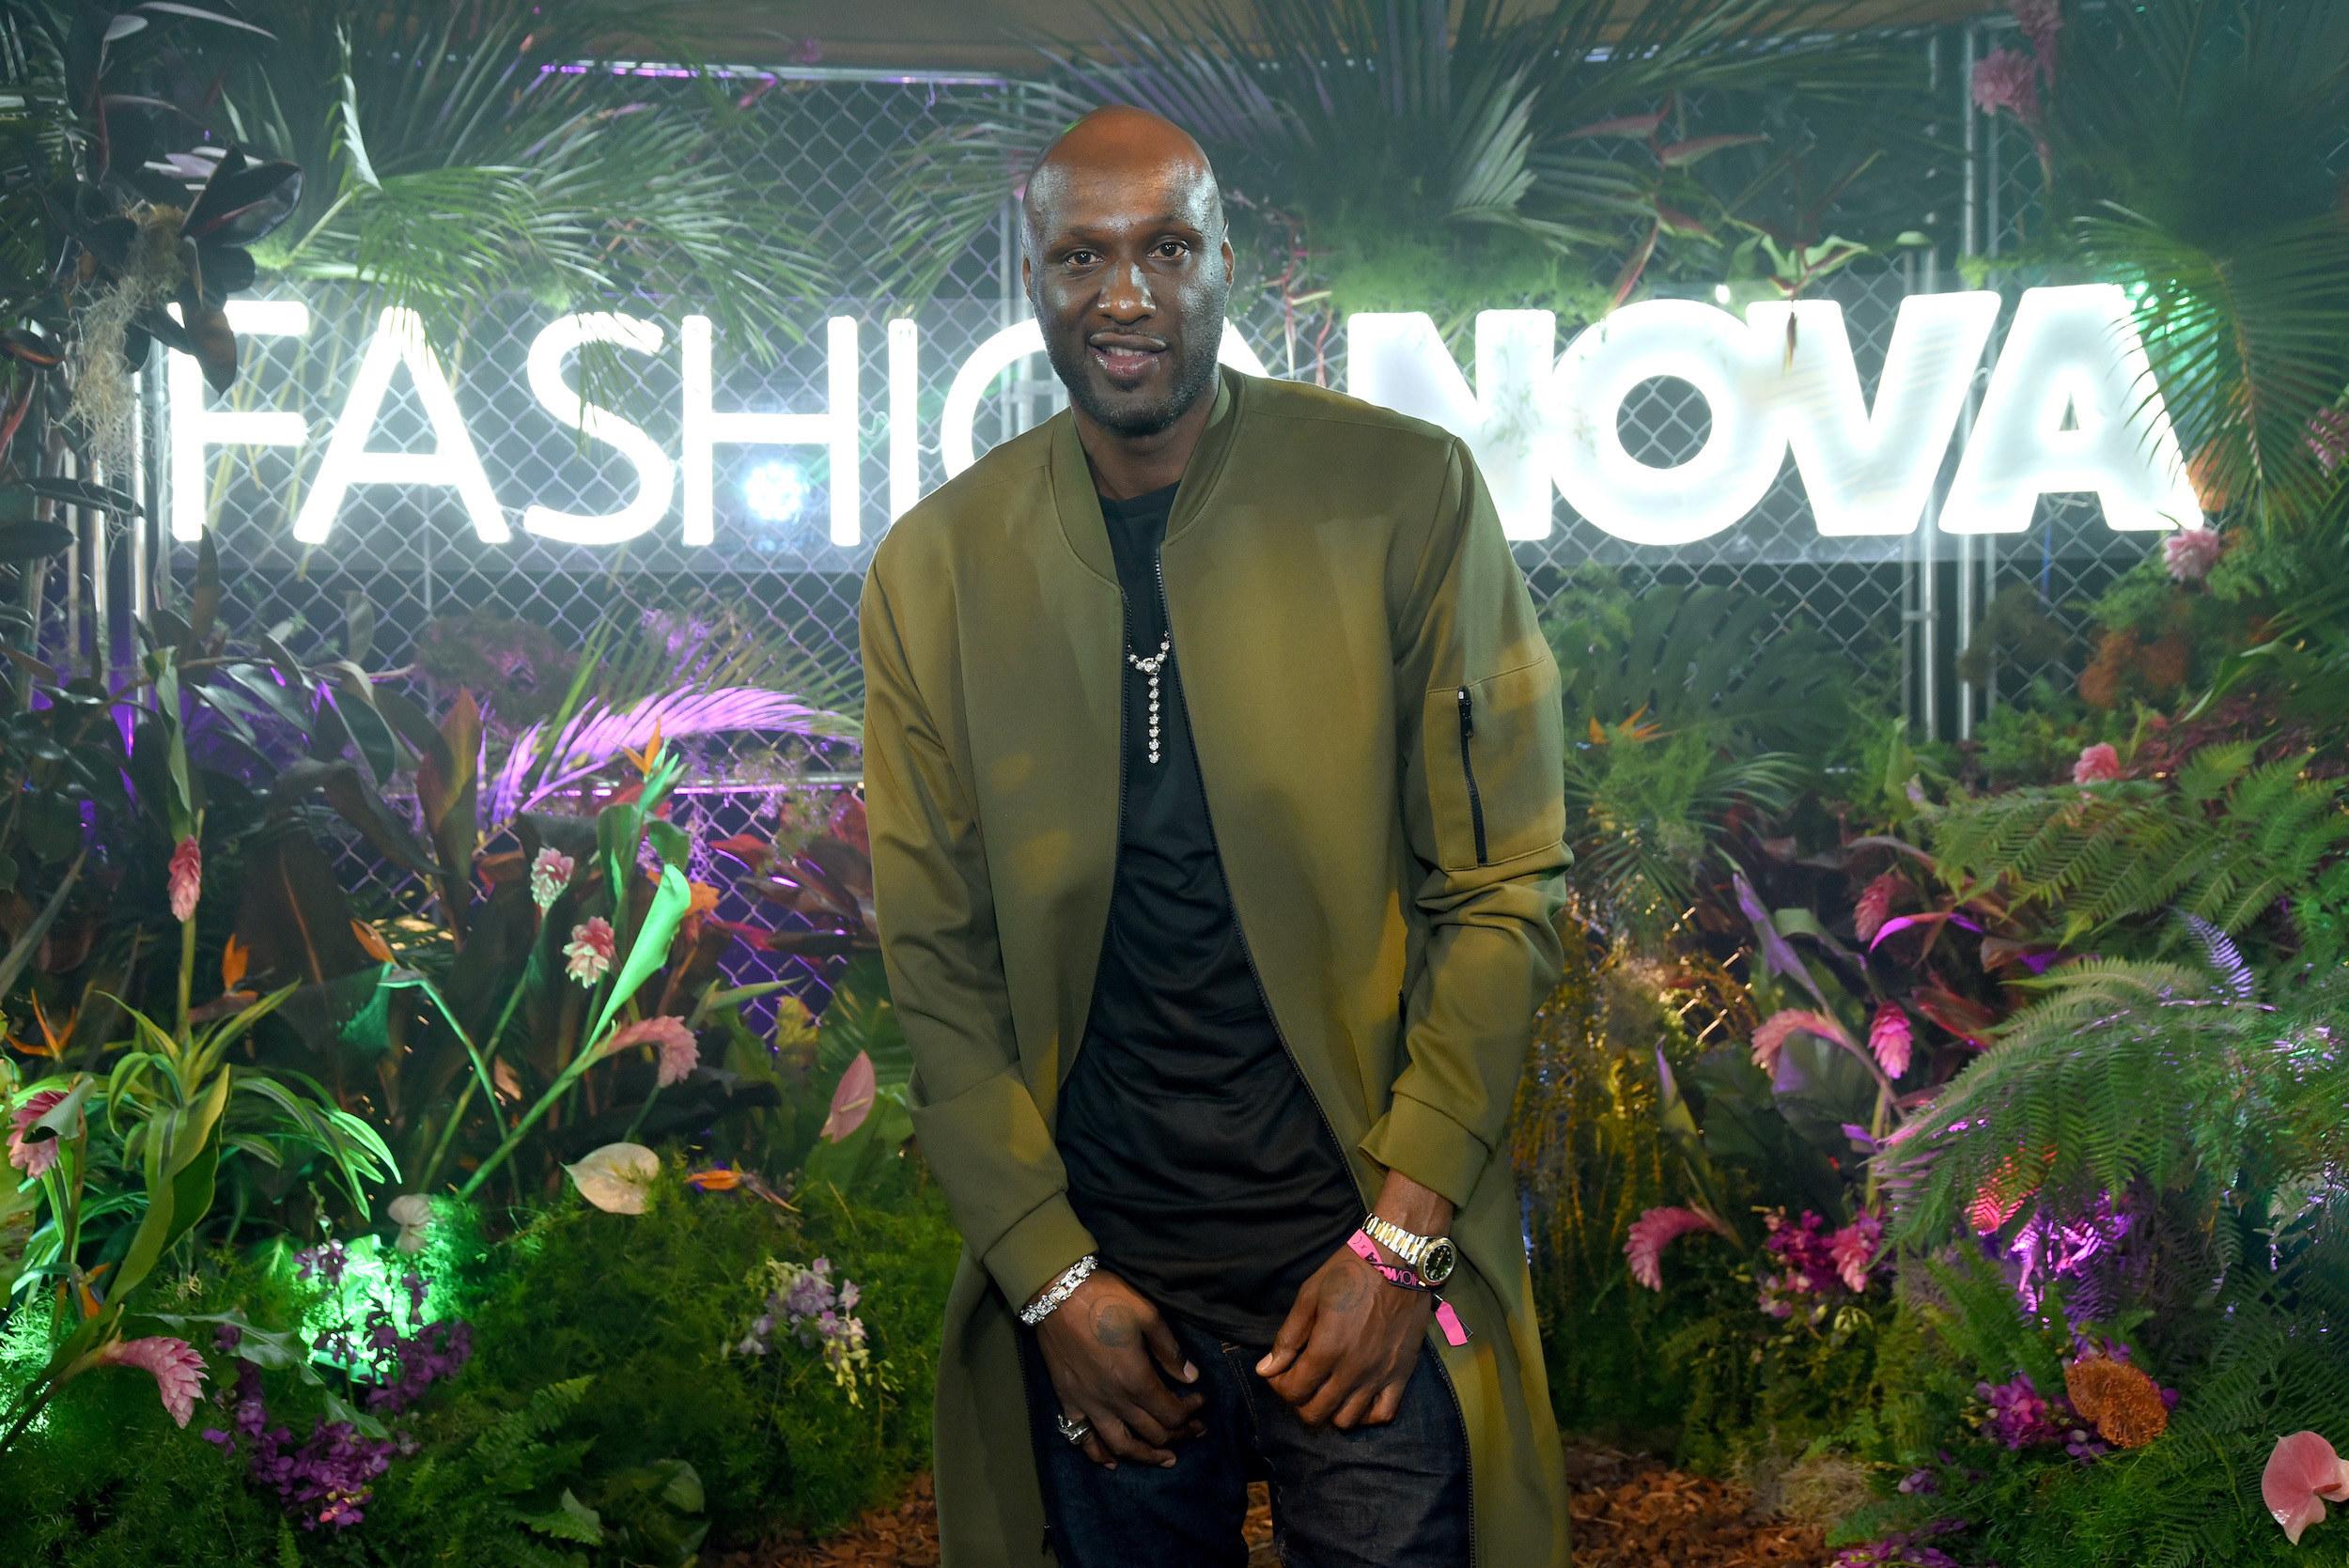 Odom at a Fashion Nova event in 2019